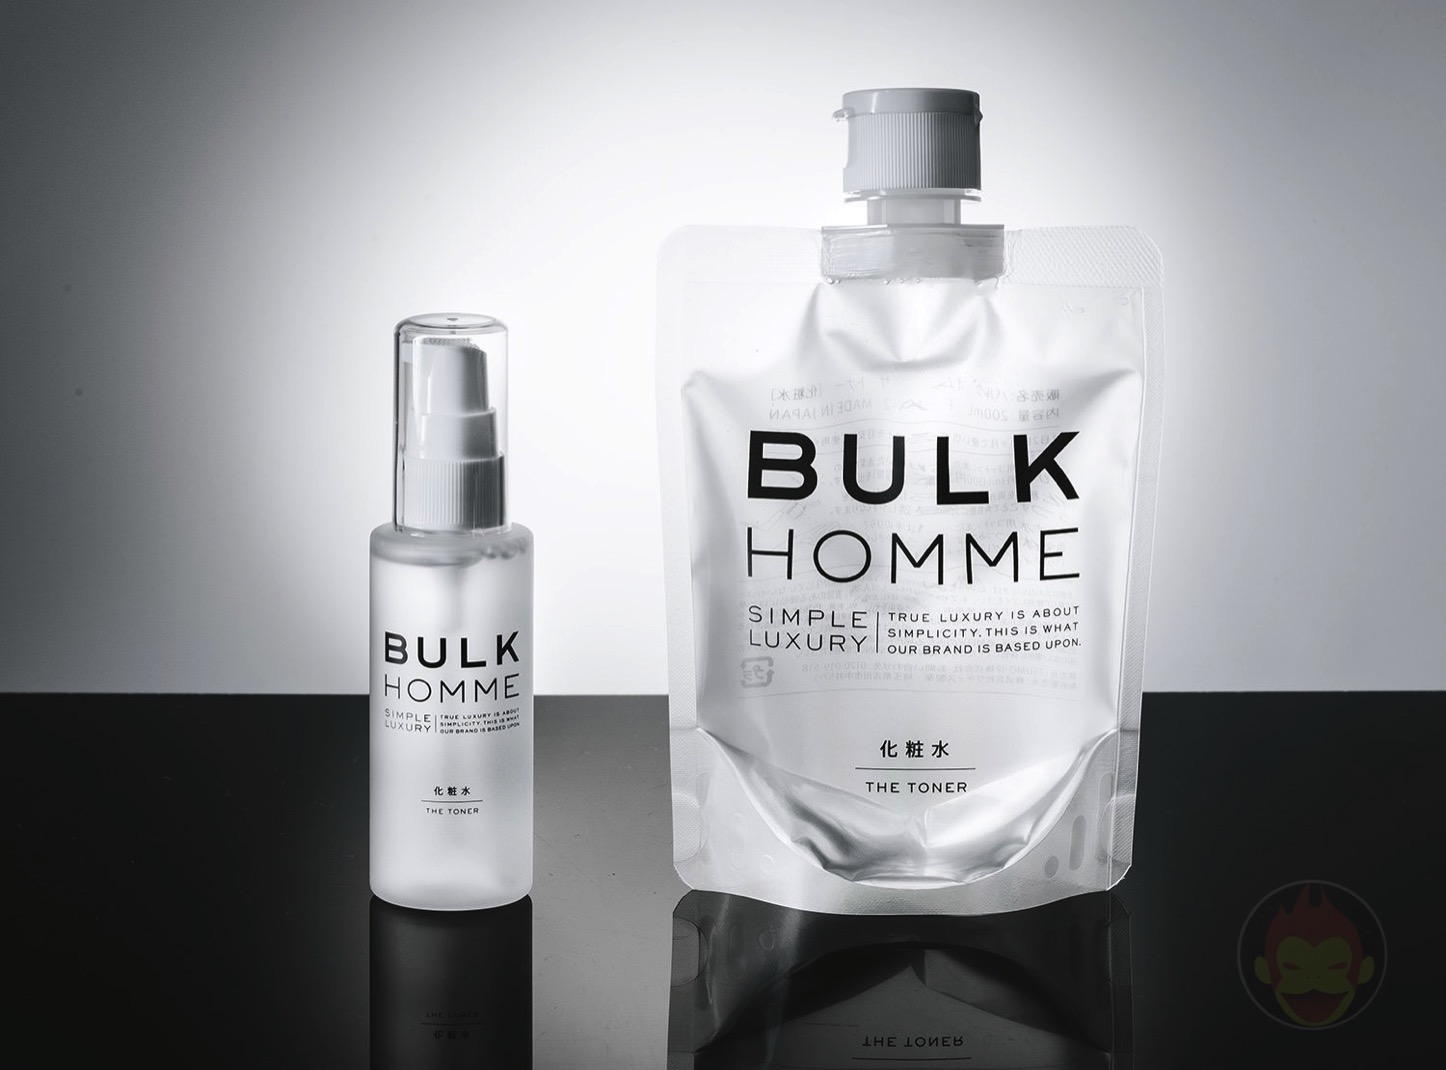 BULK HOMME 化粧水「THE TONER」